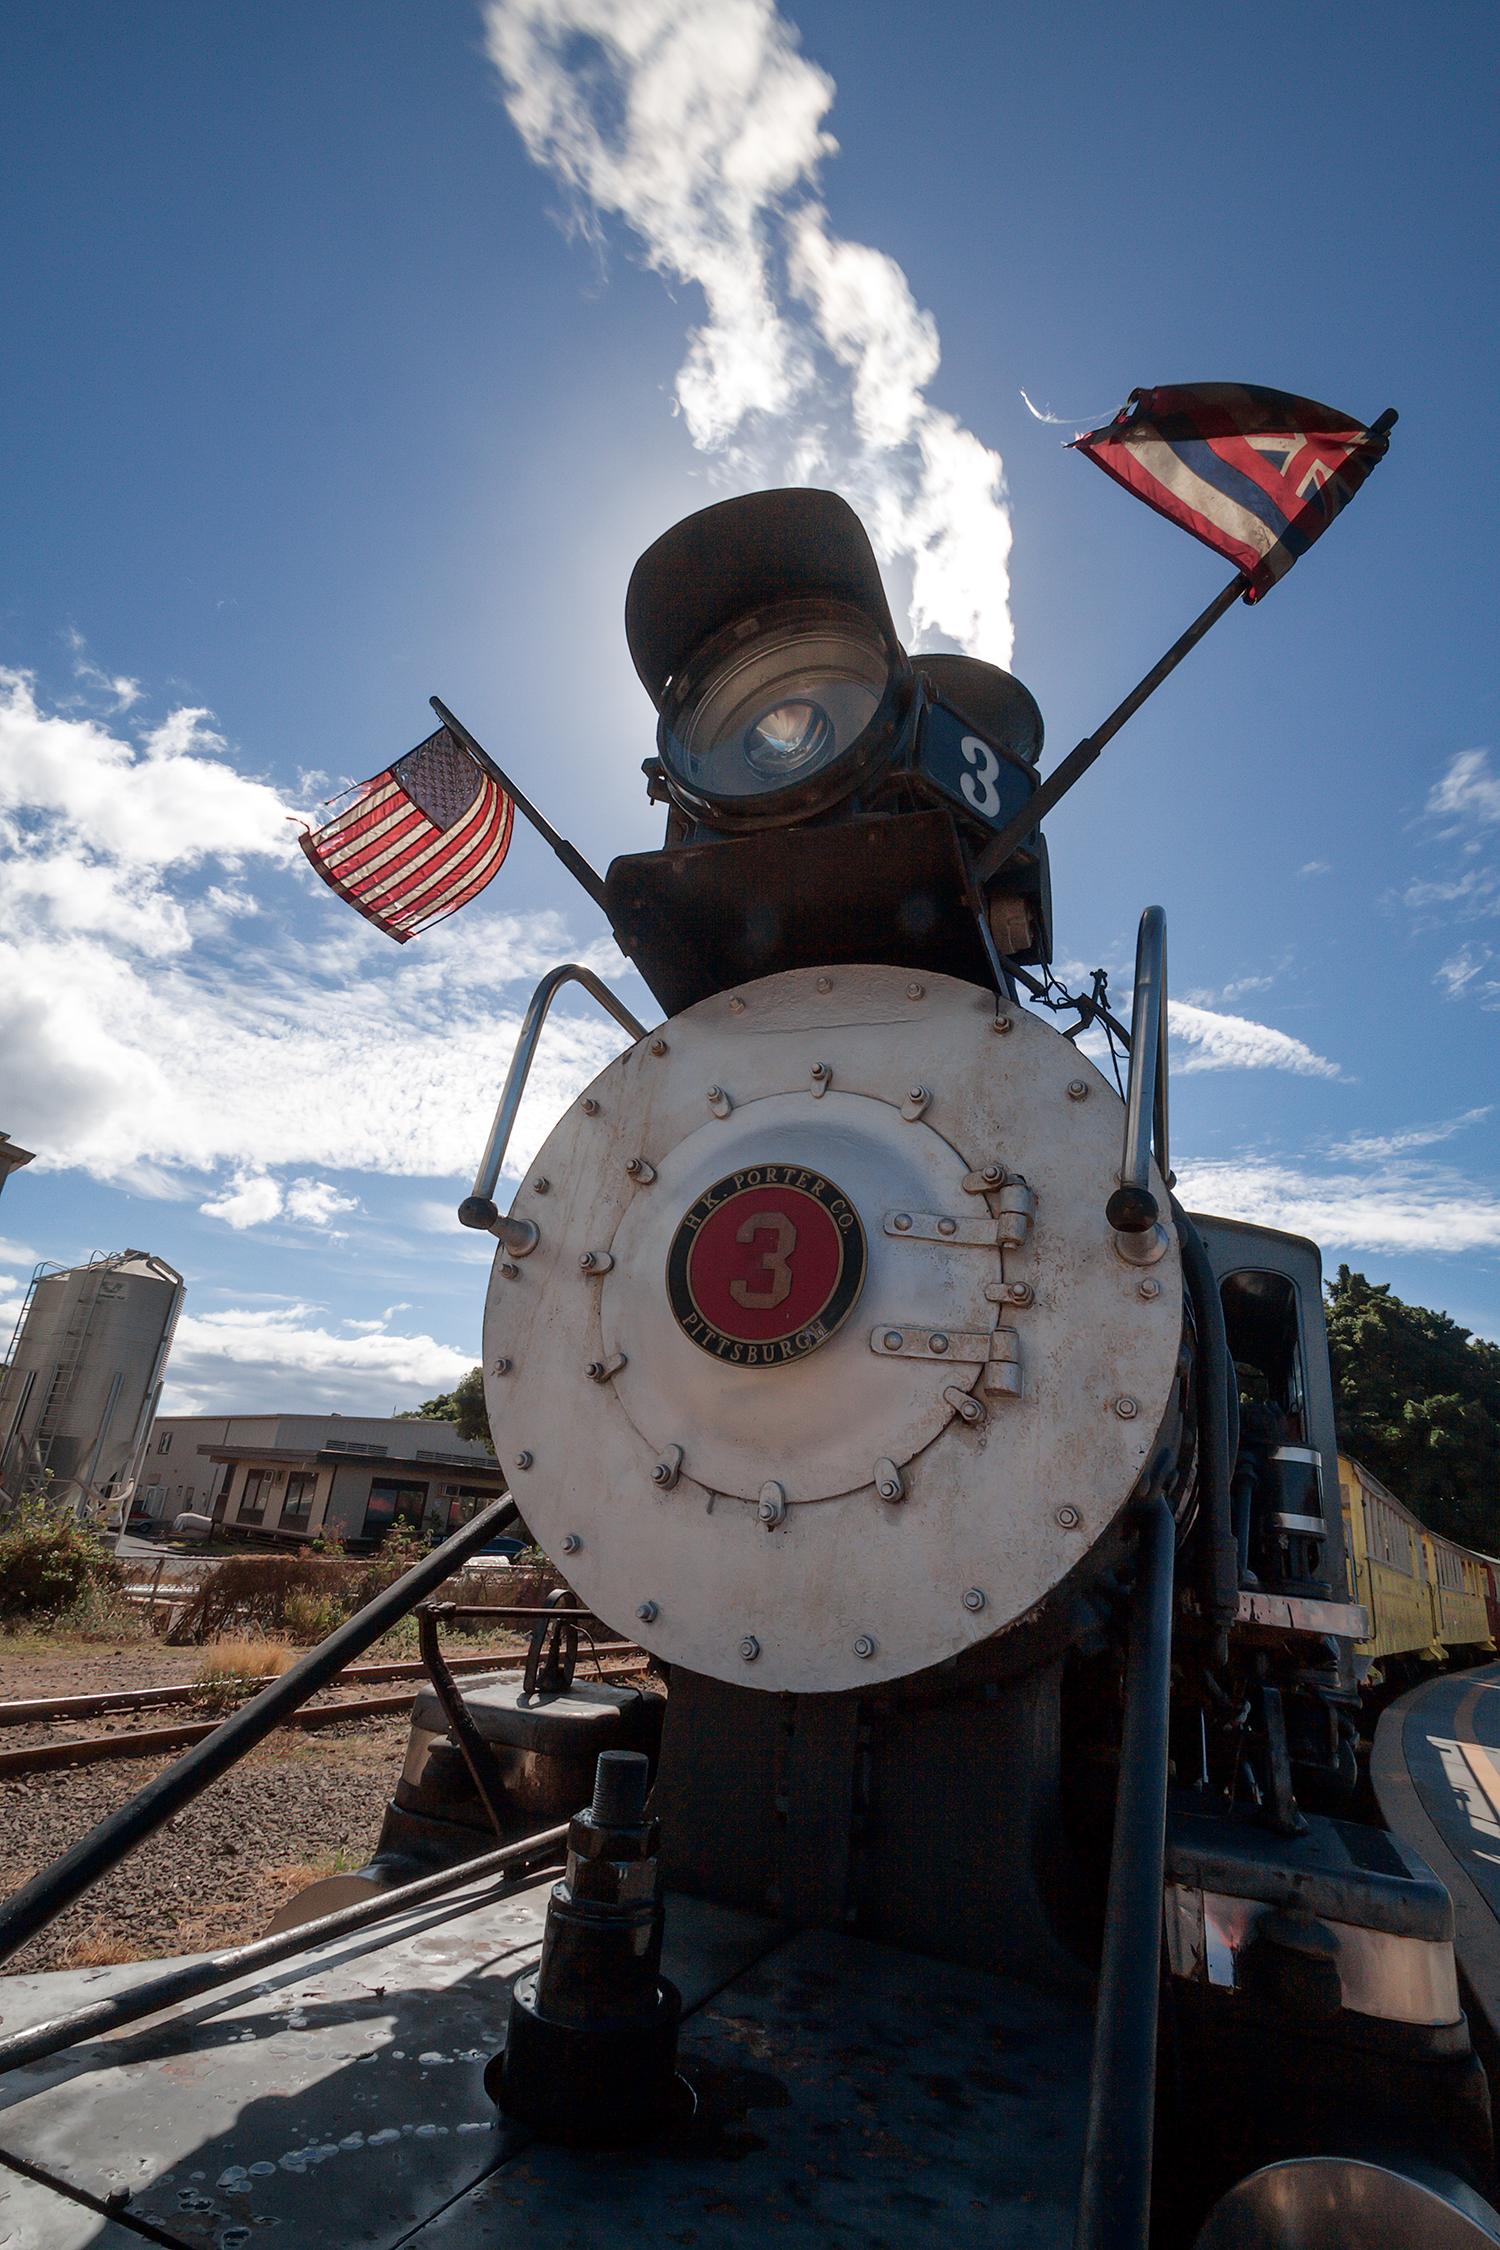 train-base-image-1500px